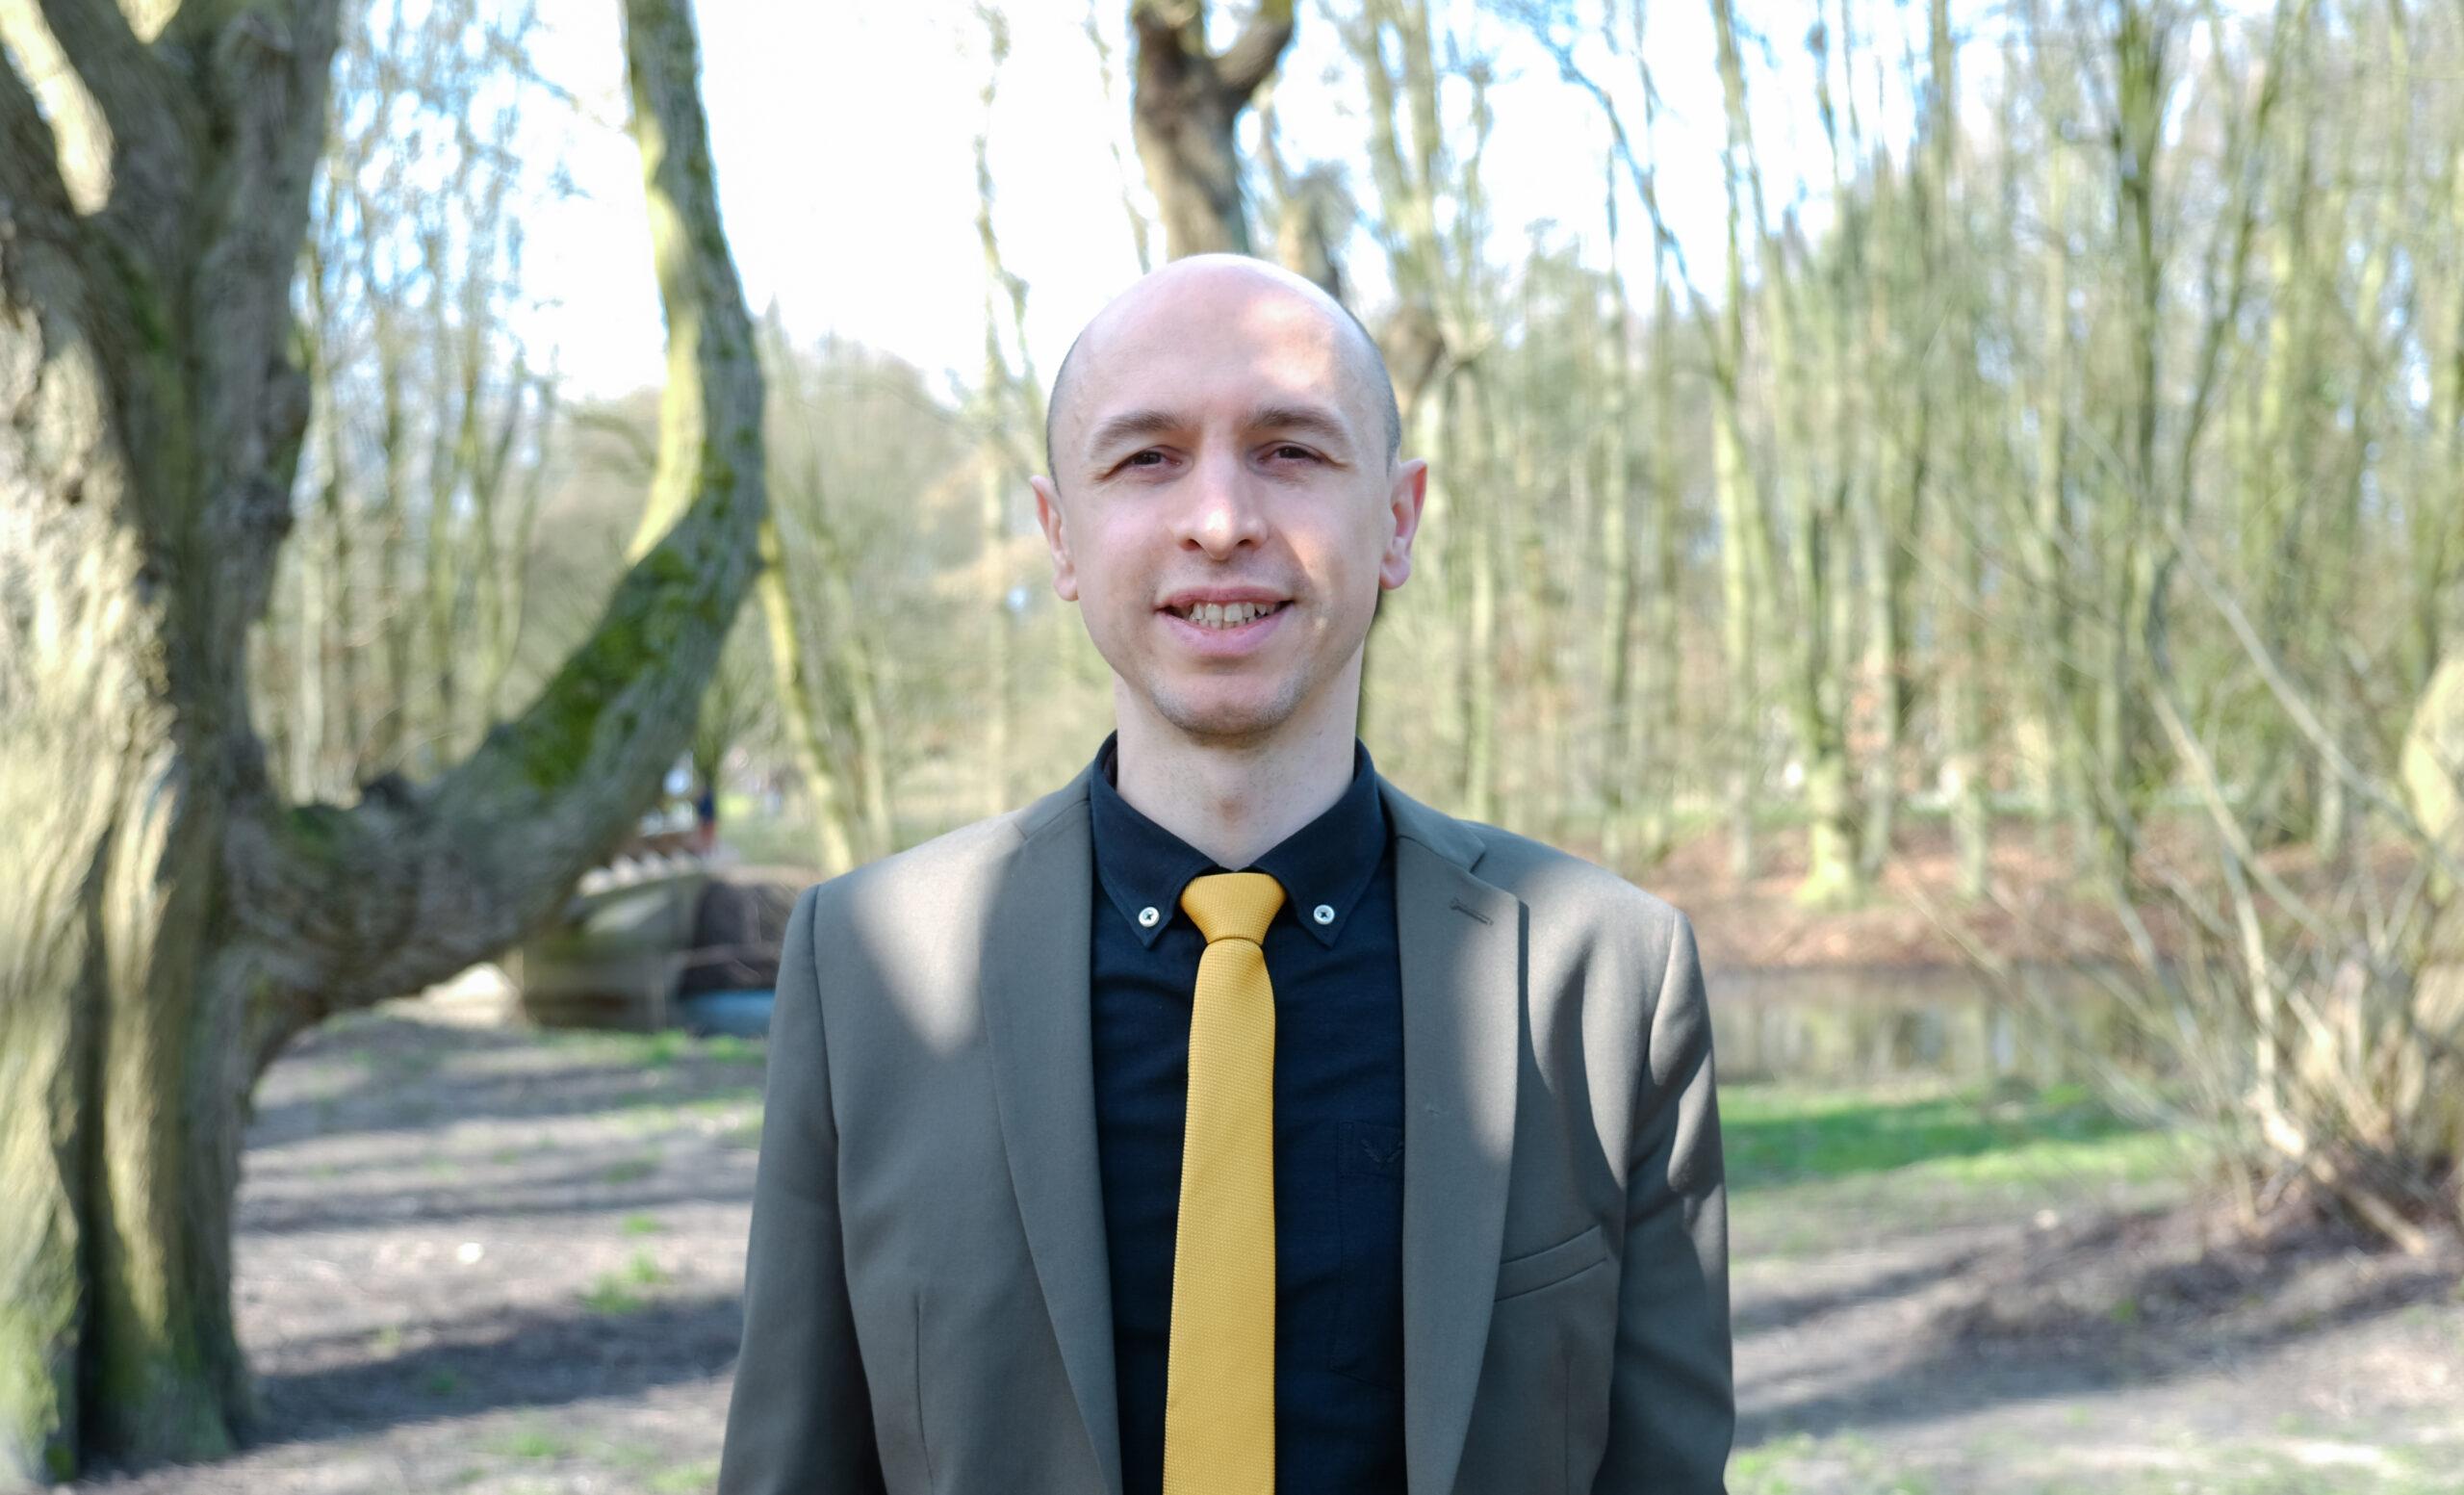 David van der Laaken